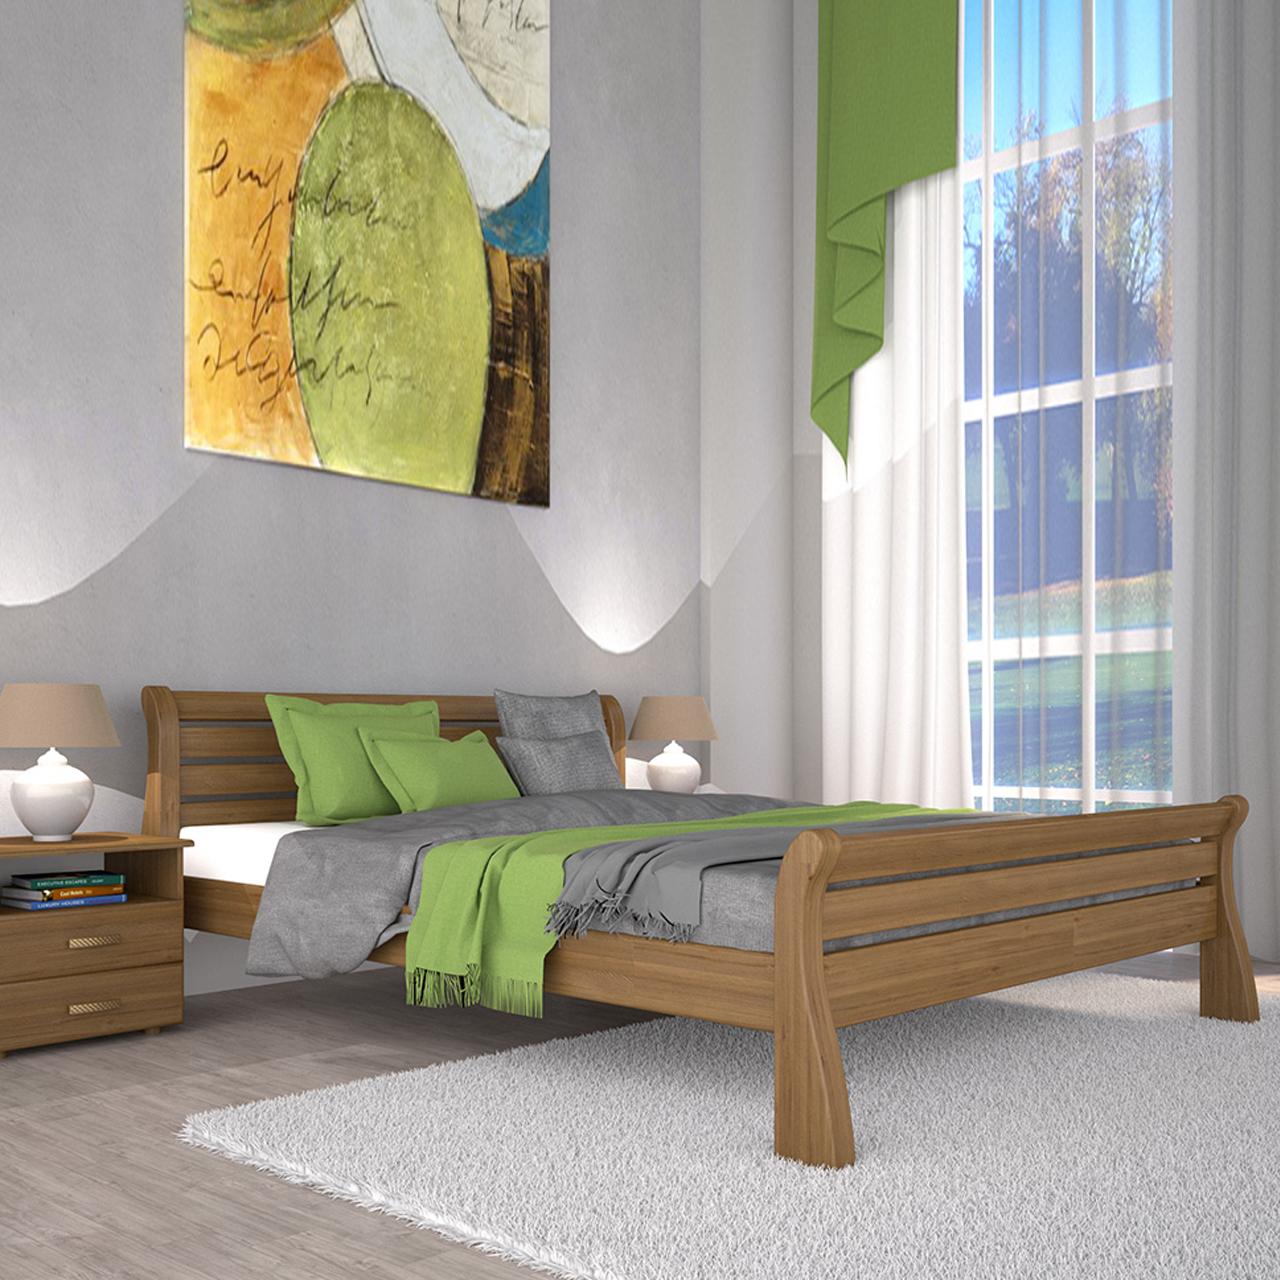 Кровать деревянная Ретро-1 односпальная